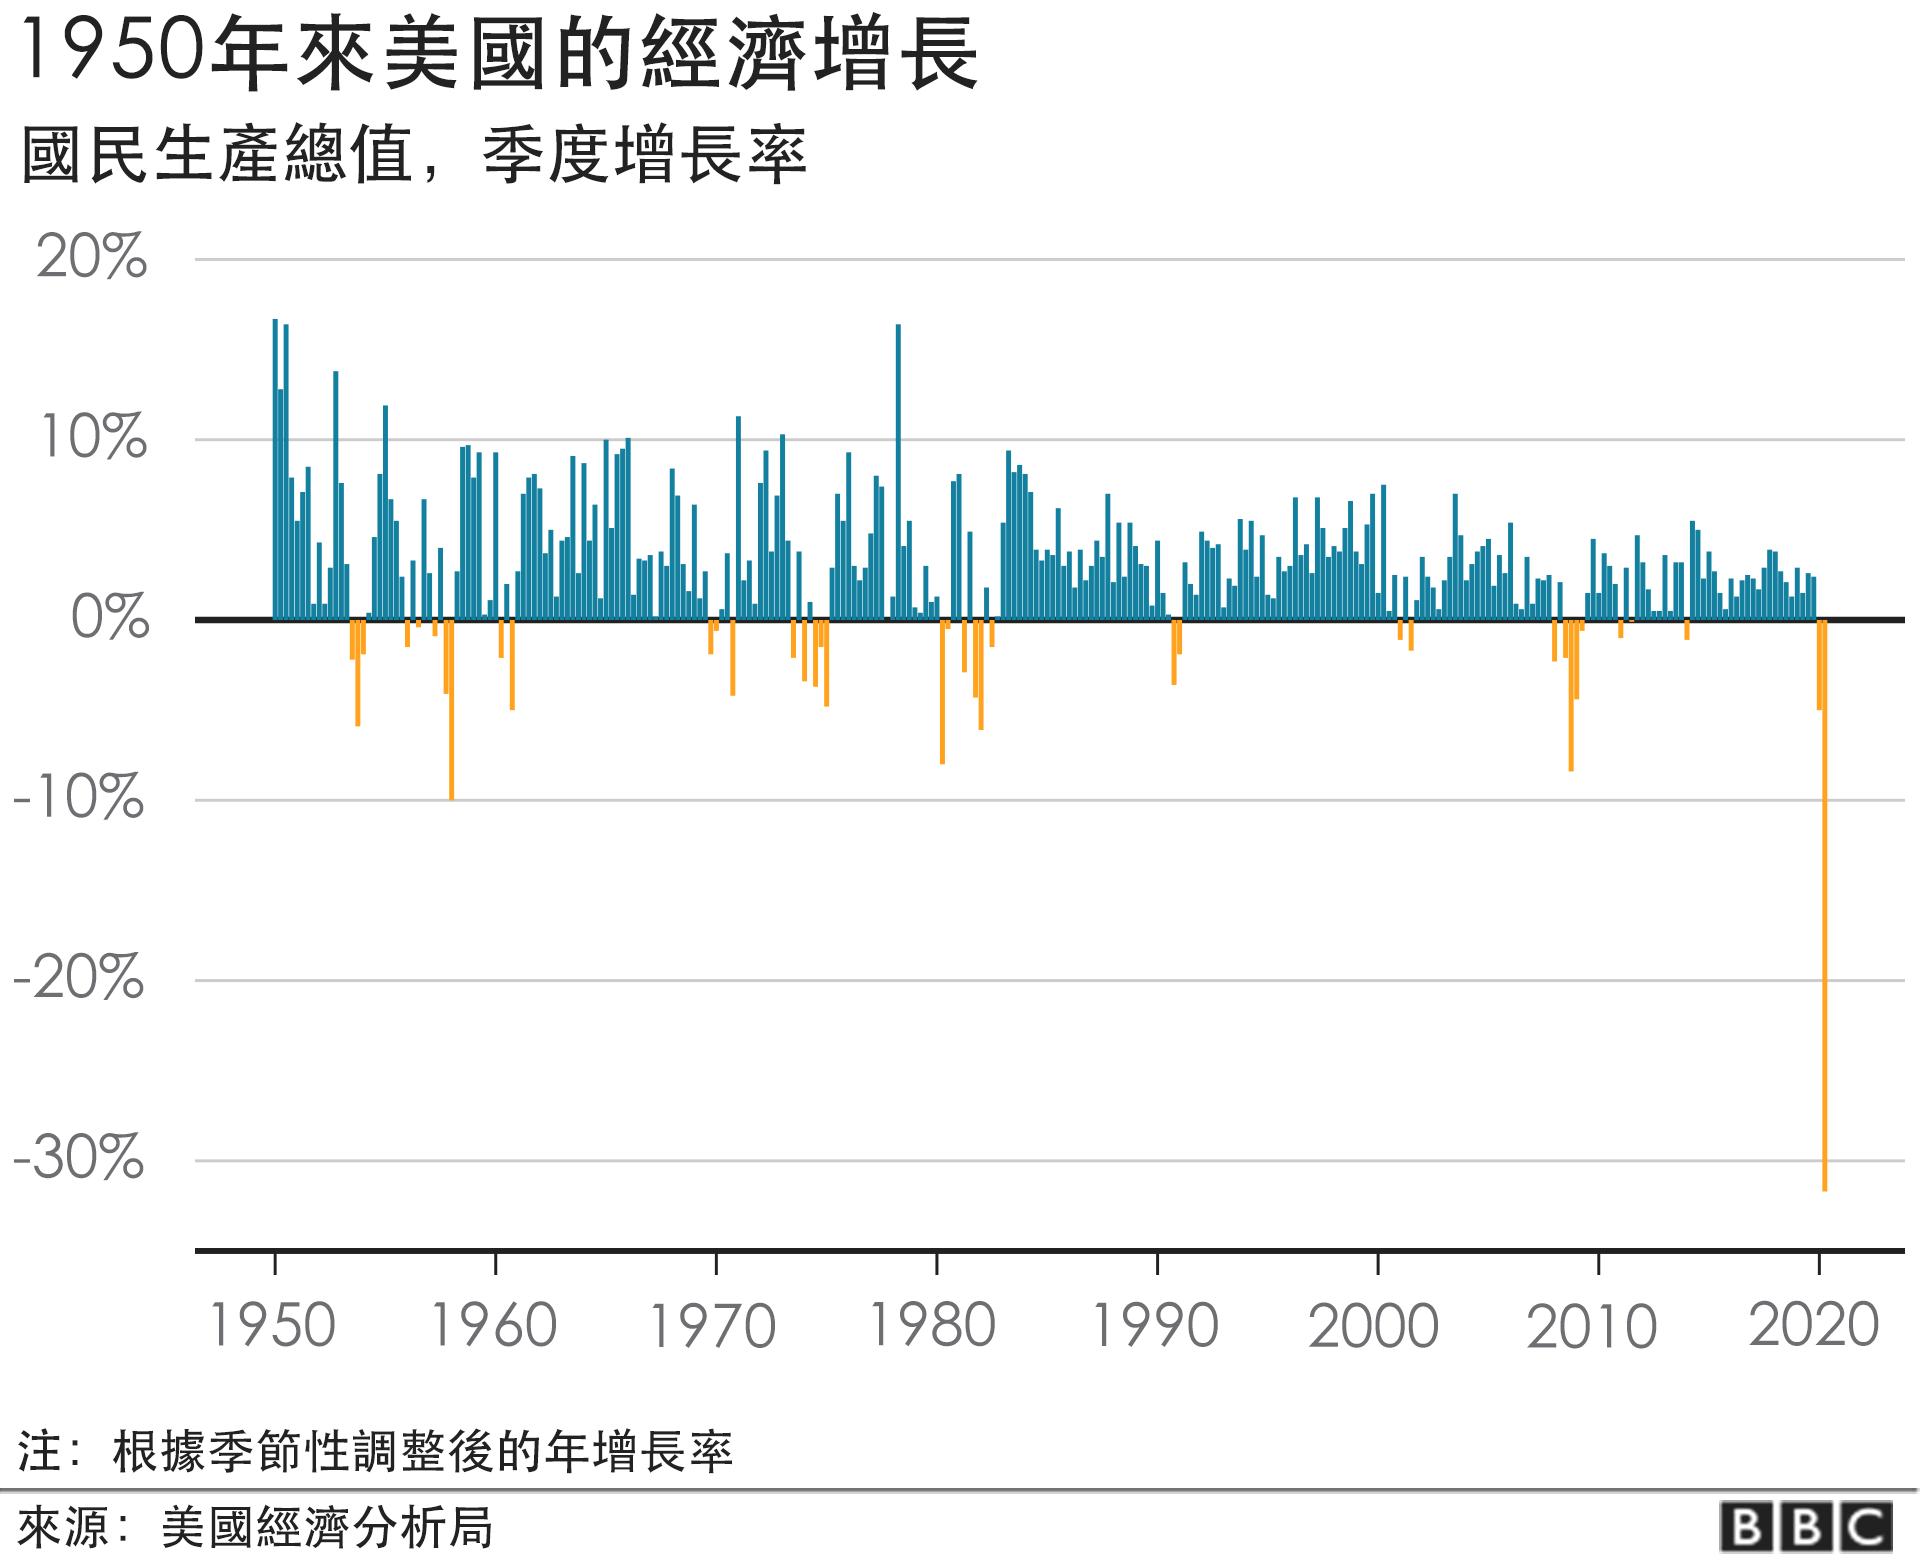 US economy since 1950